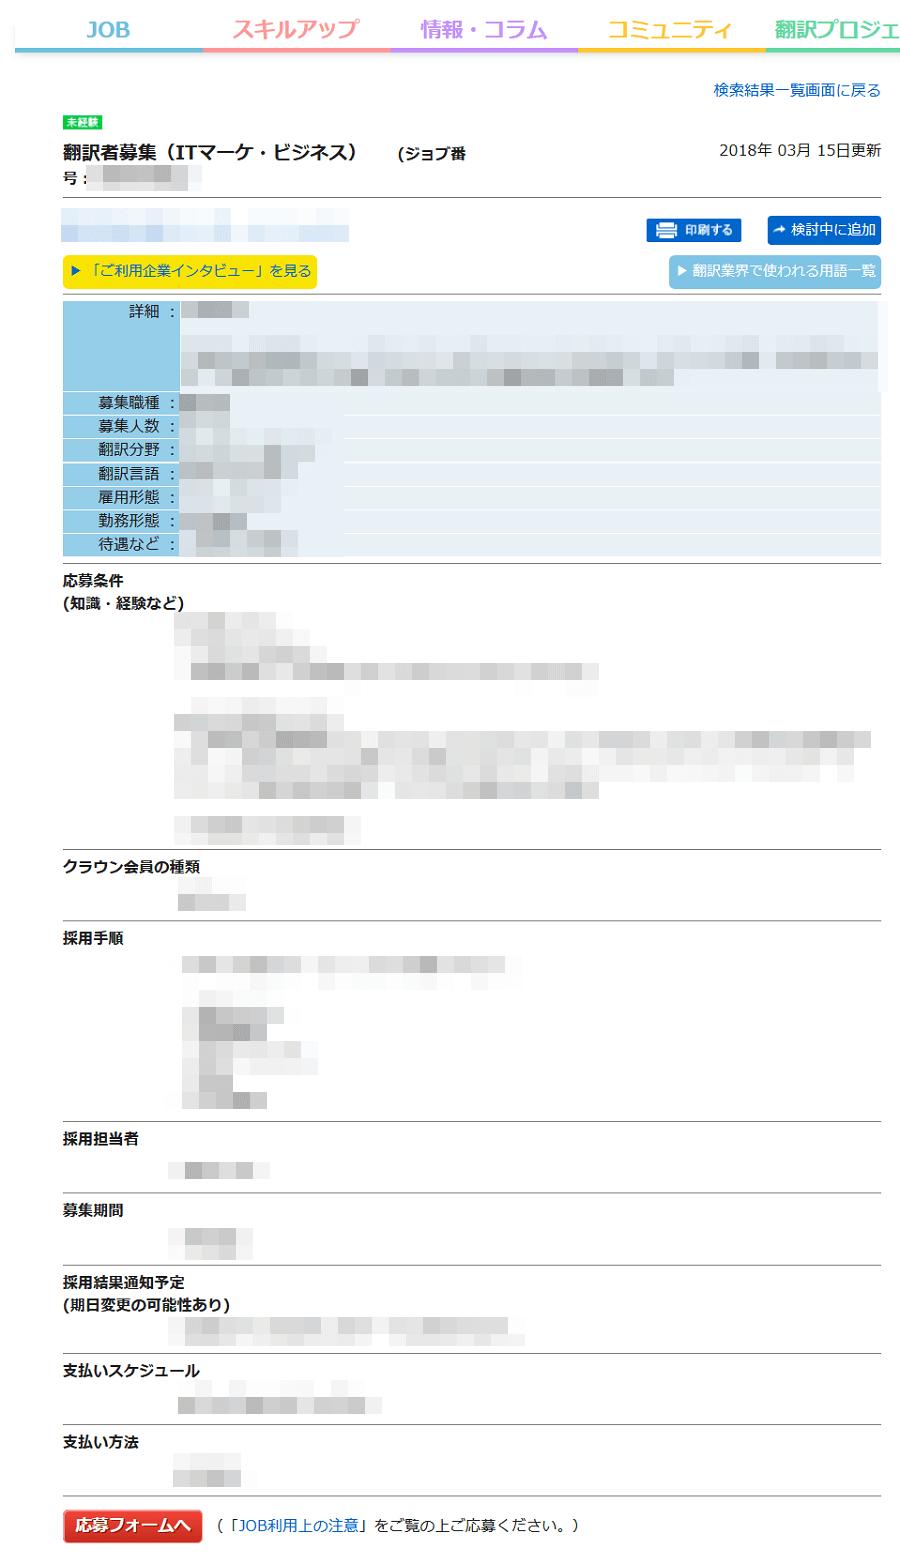 翻訳者ネットワーク「アメリア」求人詳細の例